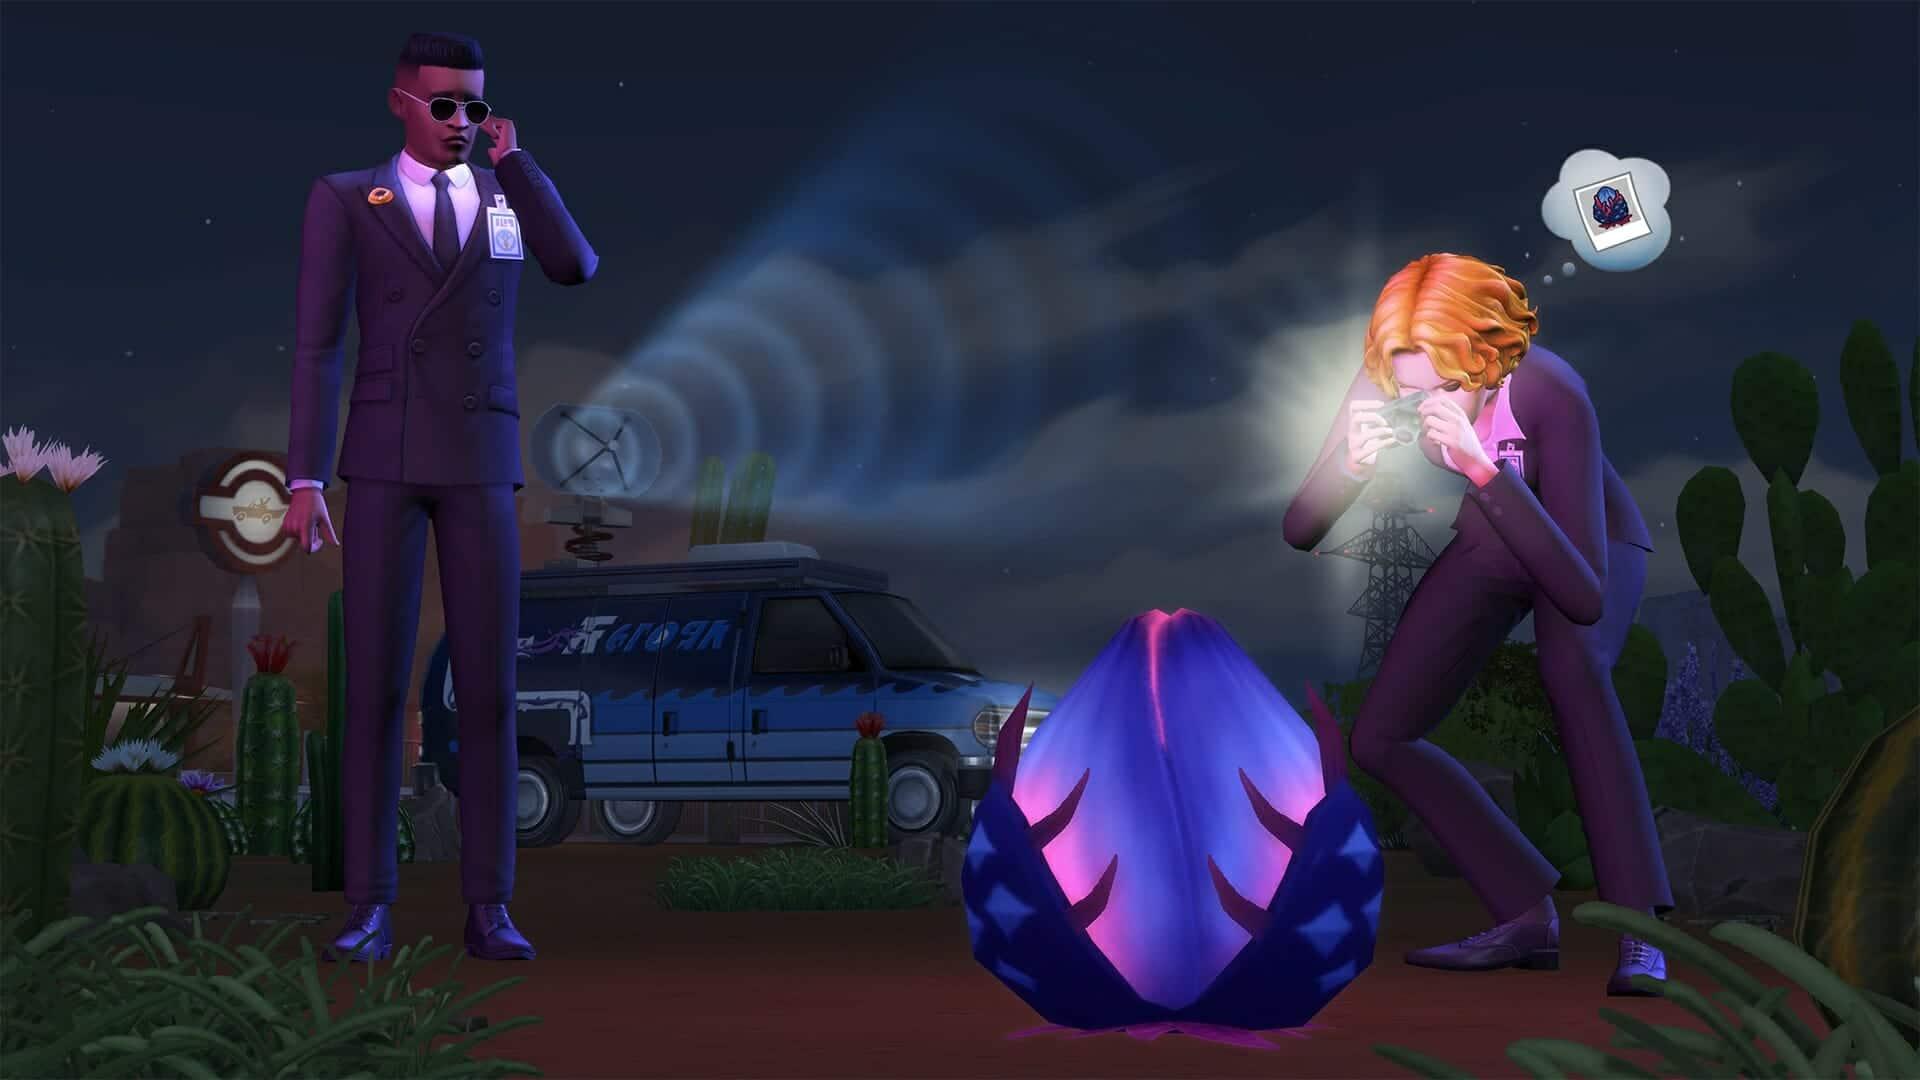 Les Sims 4 Stranger Ville [26 Février 2019] Ts4-gp07-official-02-001-1080